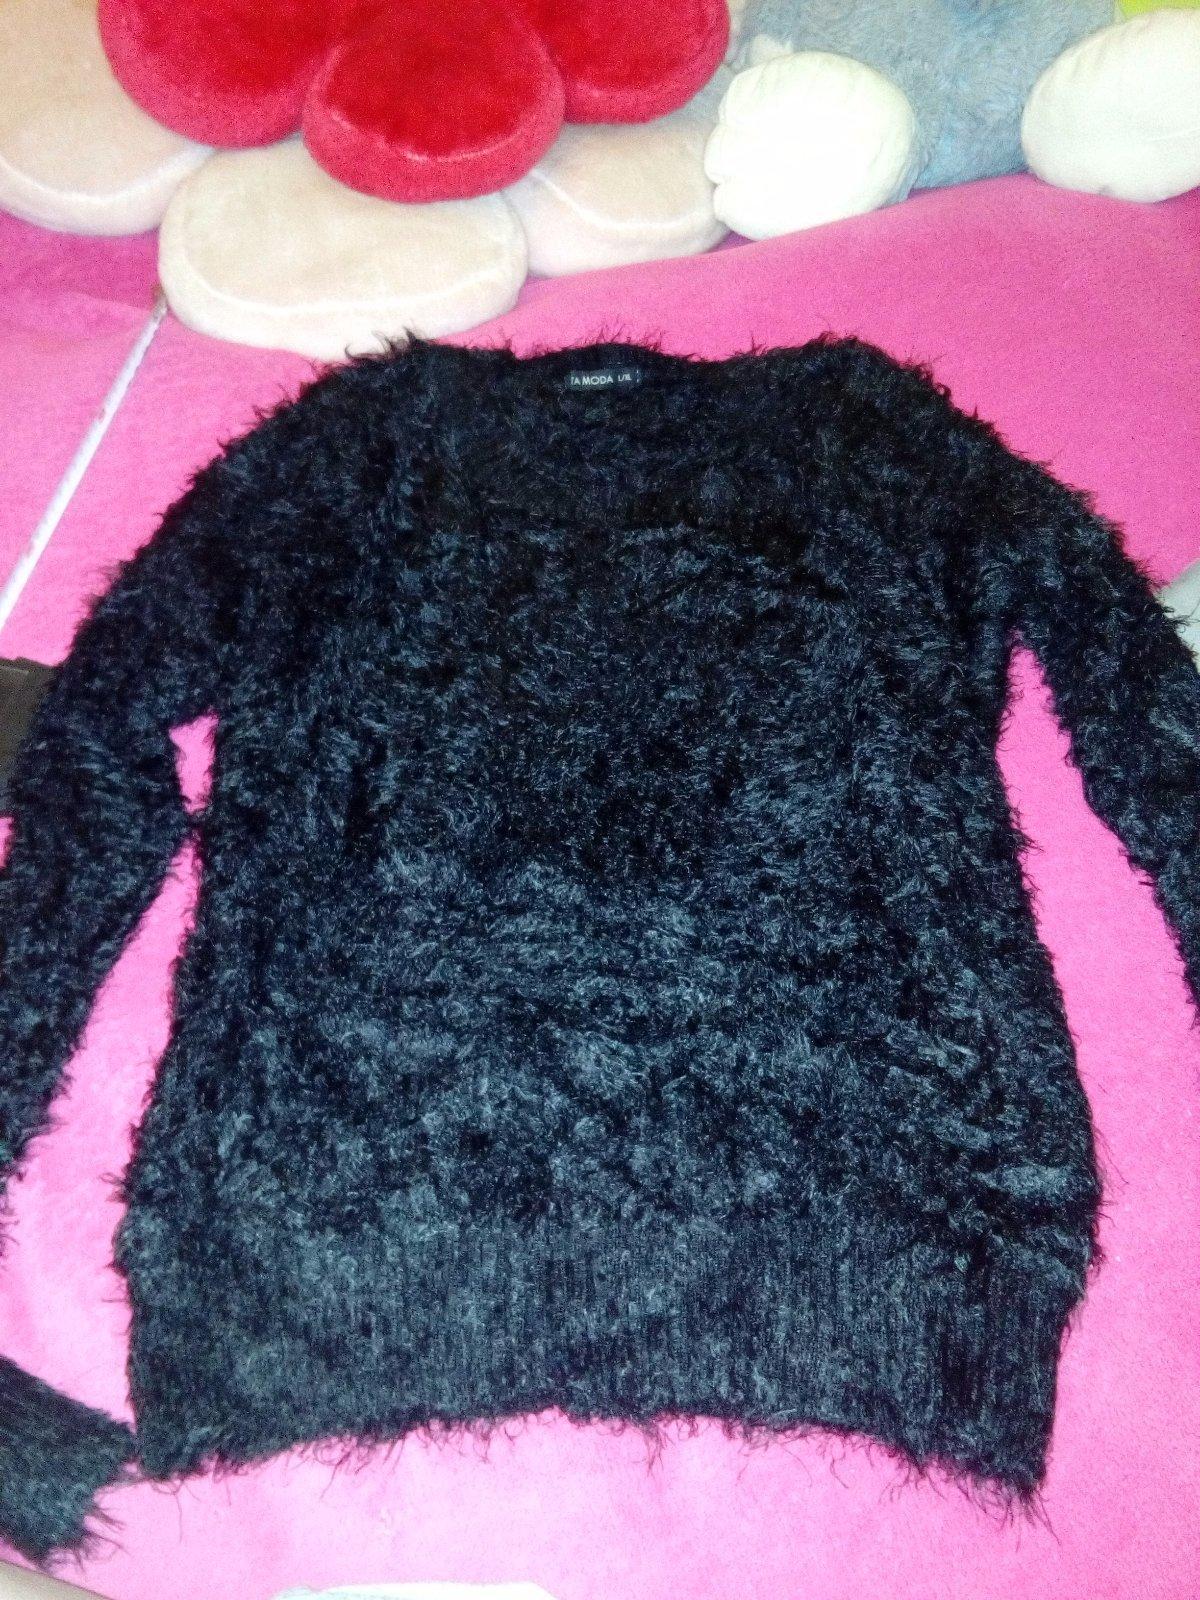 Chlpaty pulover - Obrázok č. 1